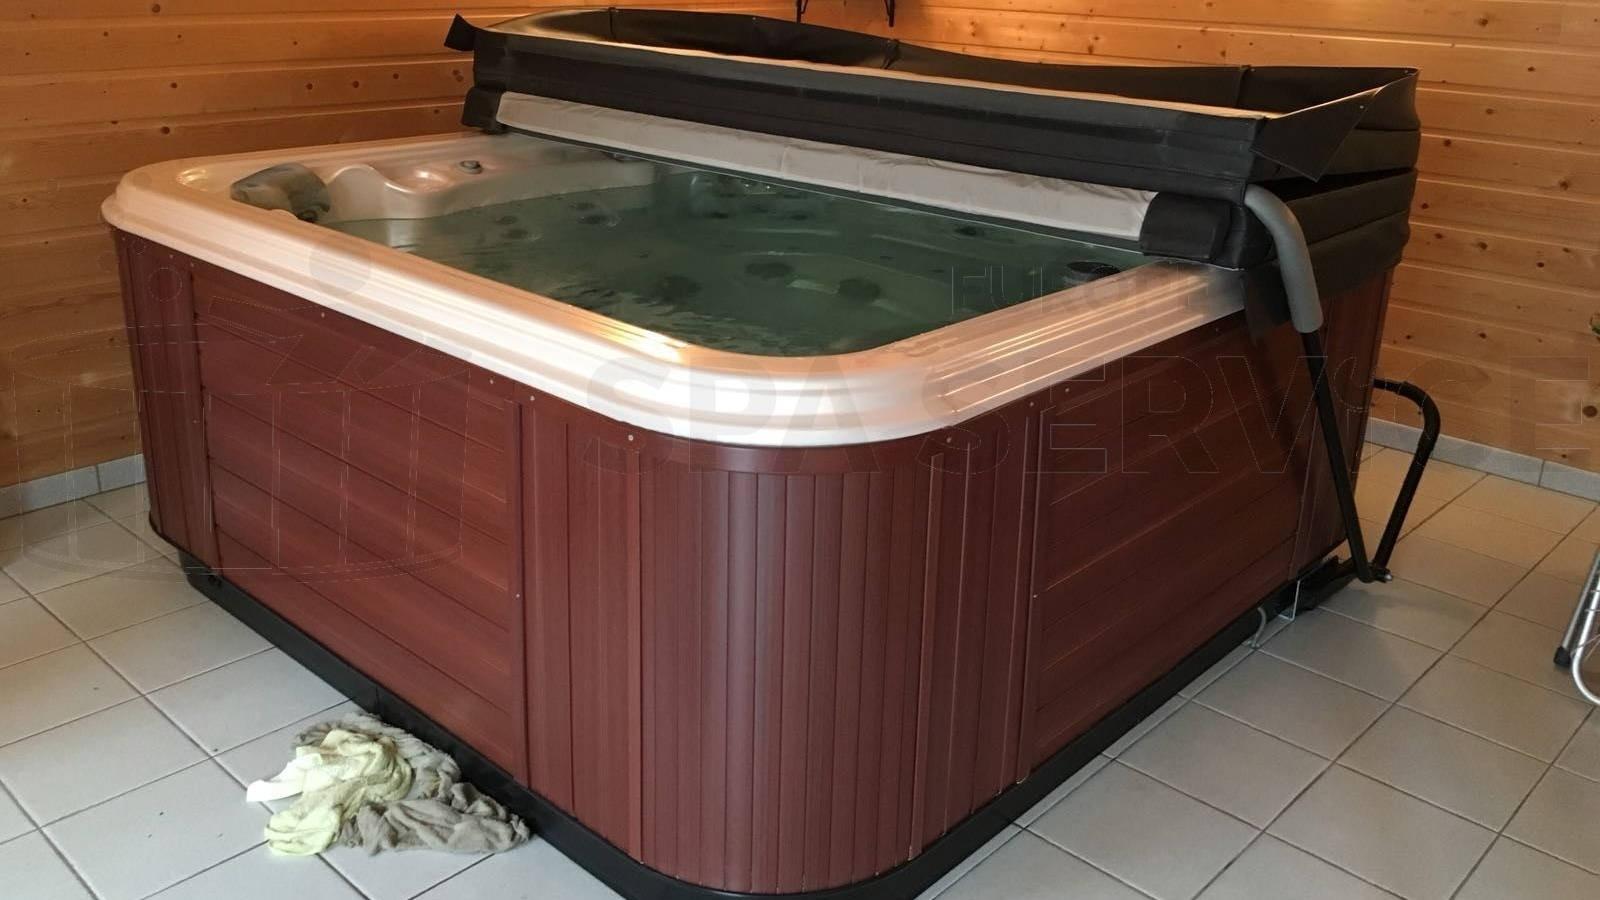 Circulatiepomp vervangen van een Paragon Essence 250 spa in Margraten